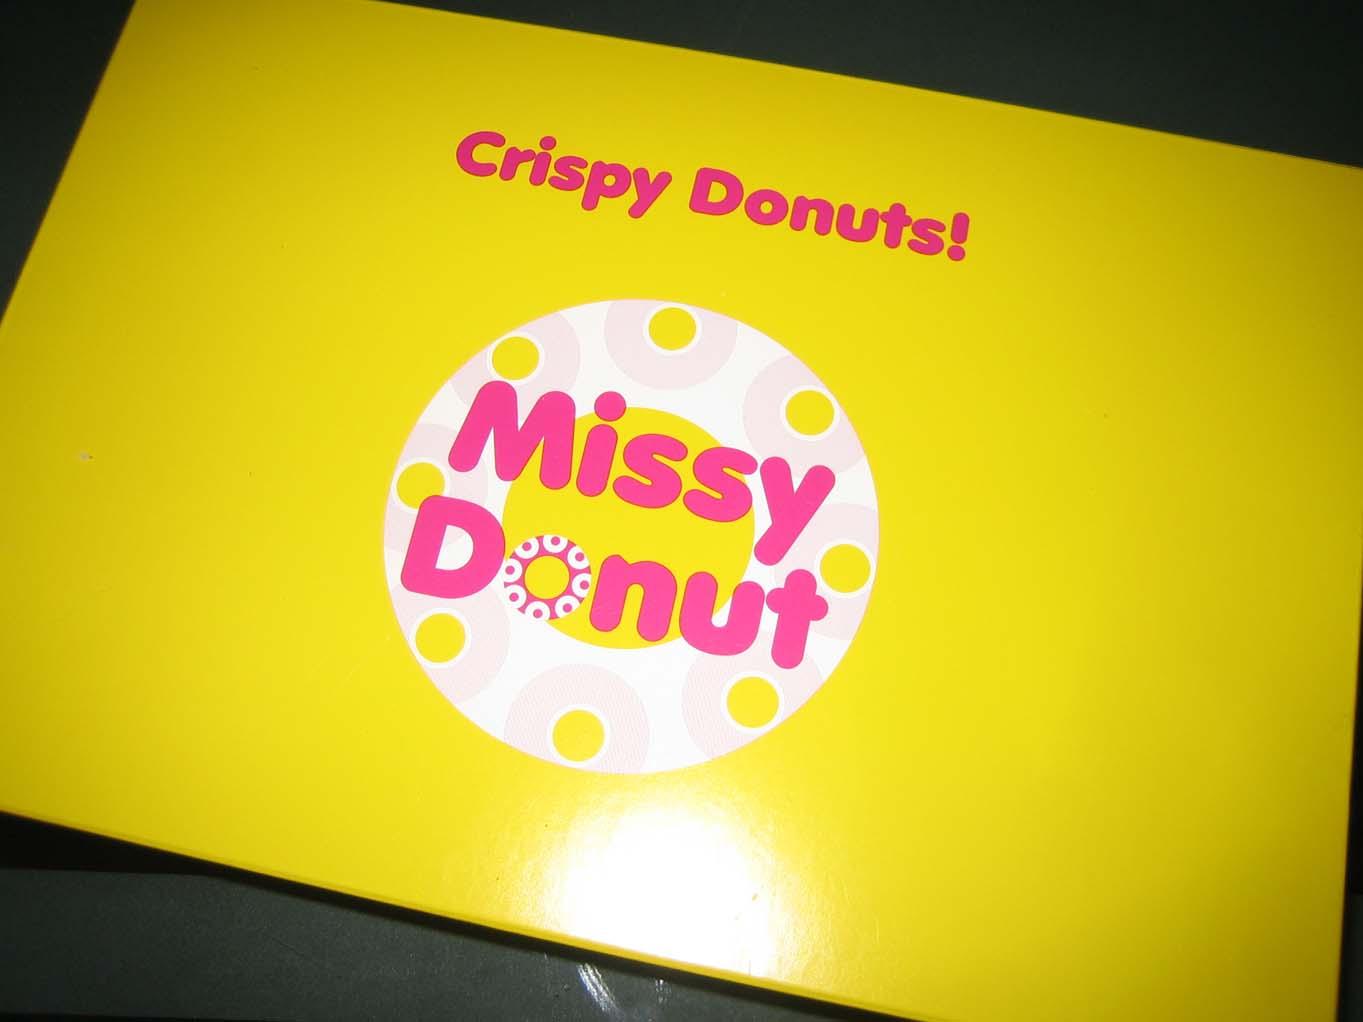 Missy Donut2